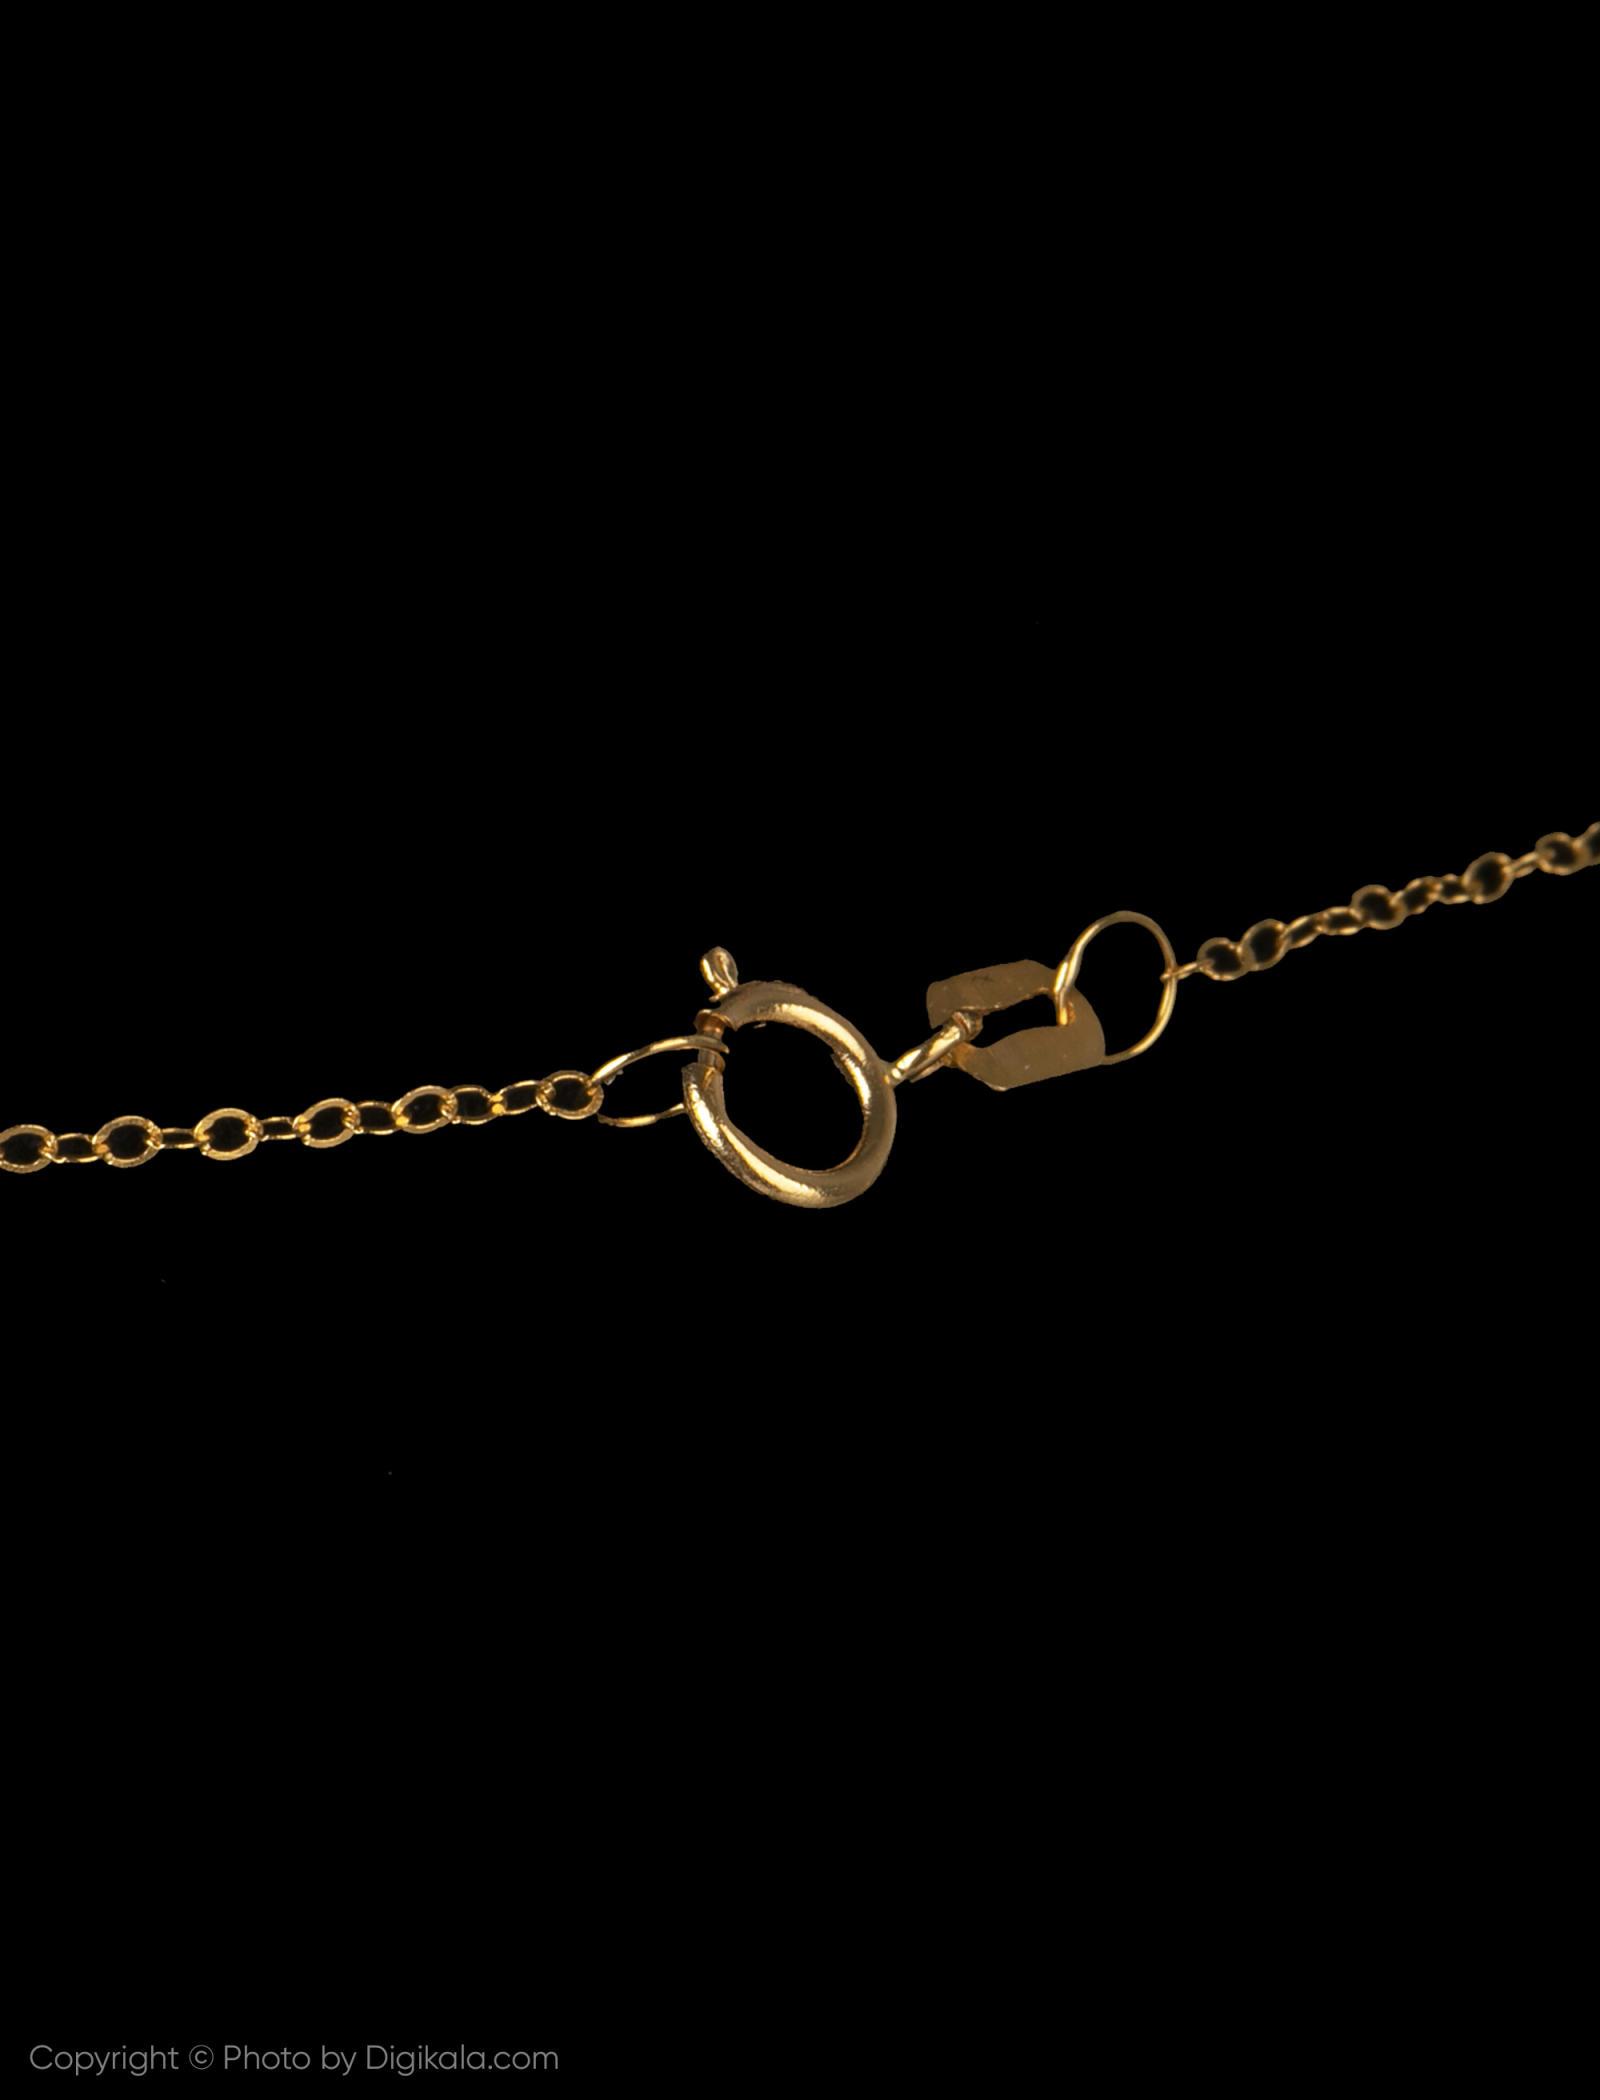 گردنبند طلا 18 عیار زنانه مایا ماهک مدل MM0959 -  - 4